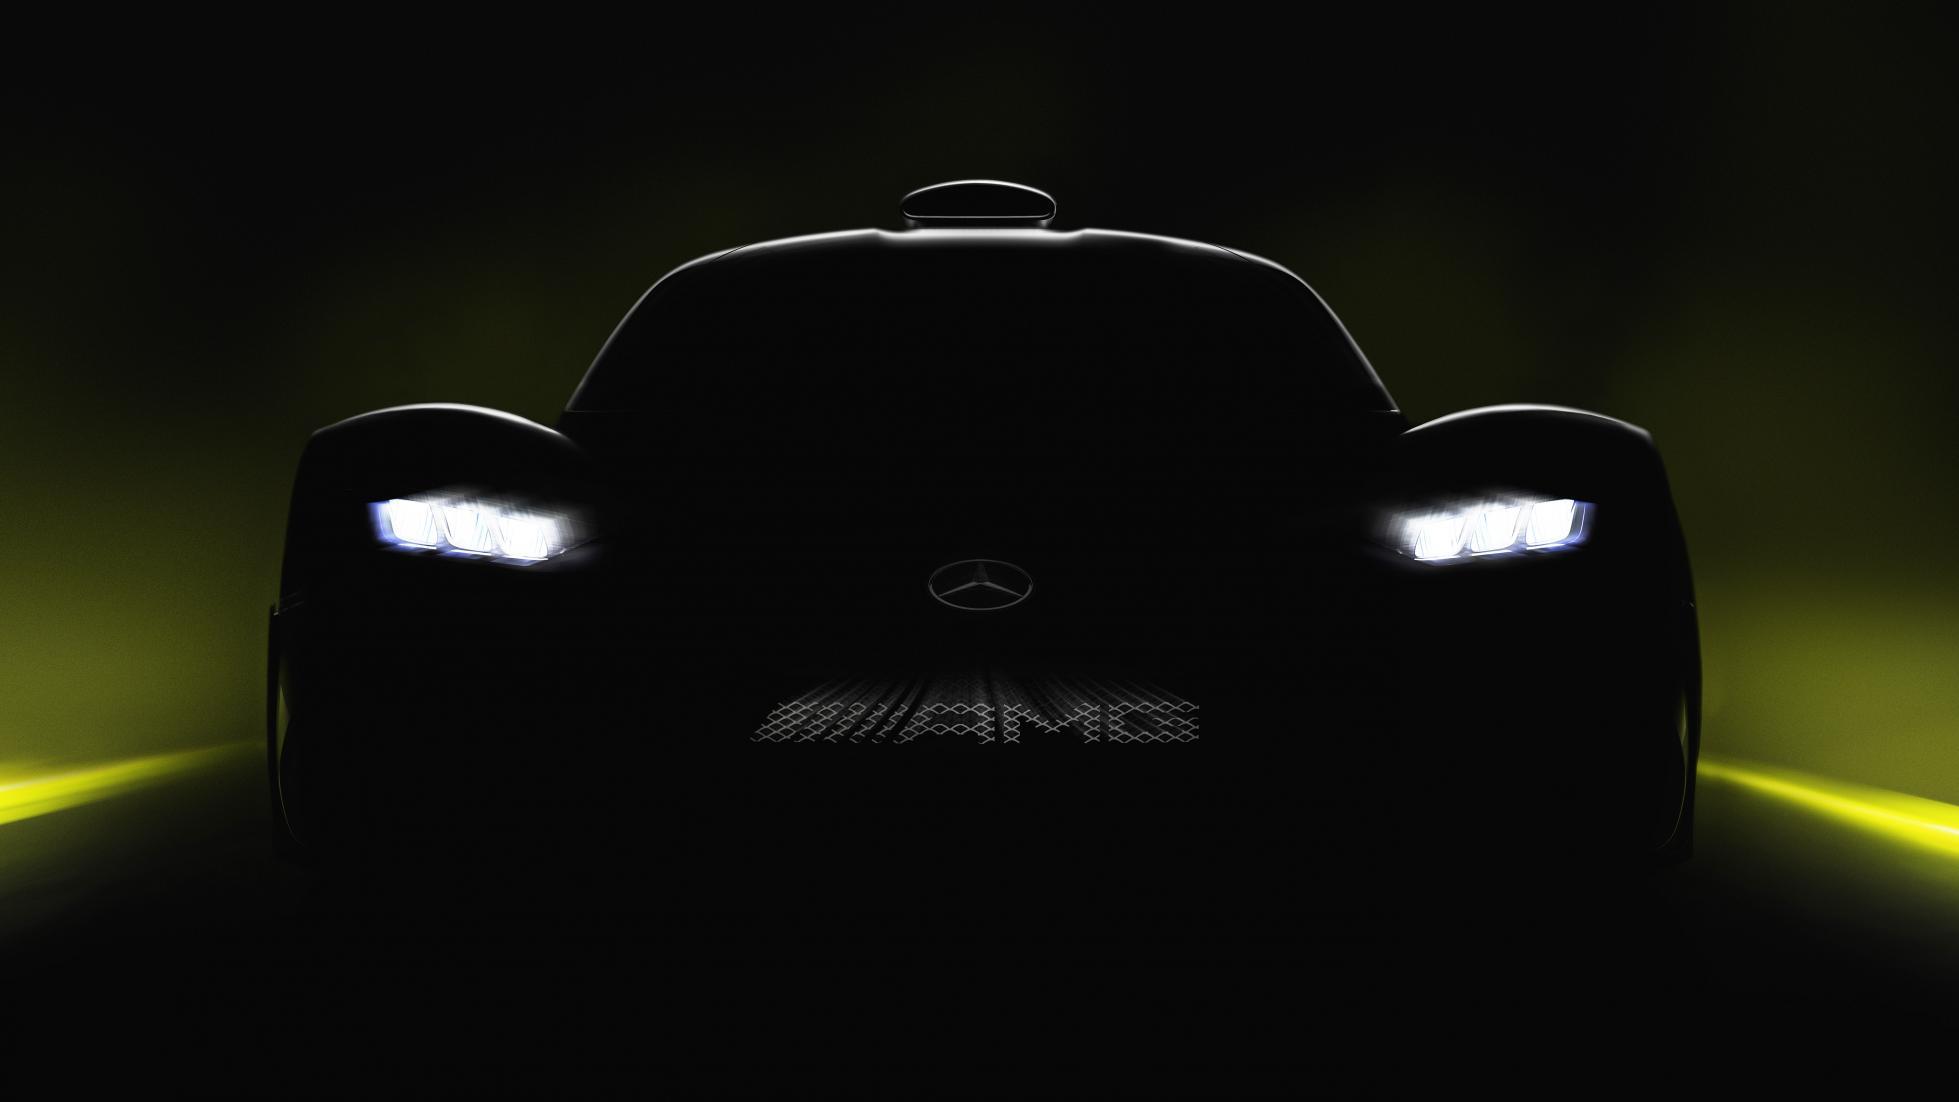 پروژه 1 مرسدس AMG در اواخر ماه جاری معرفی میشود